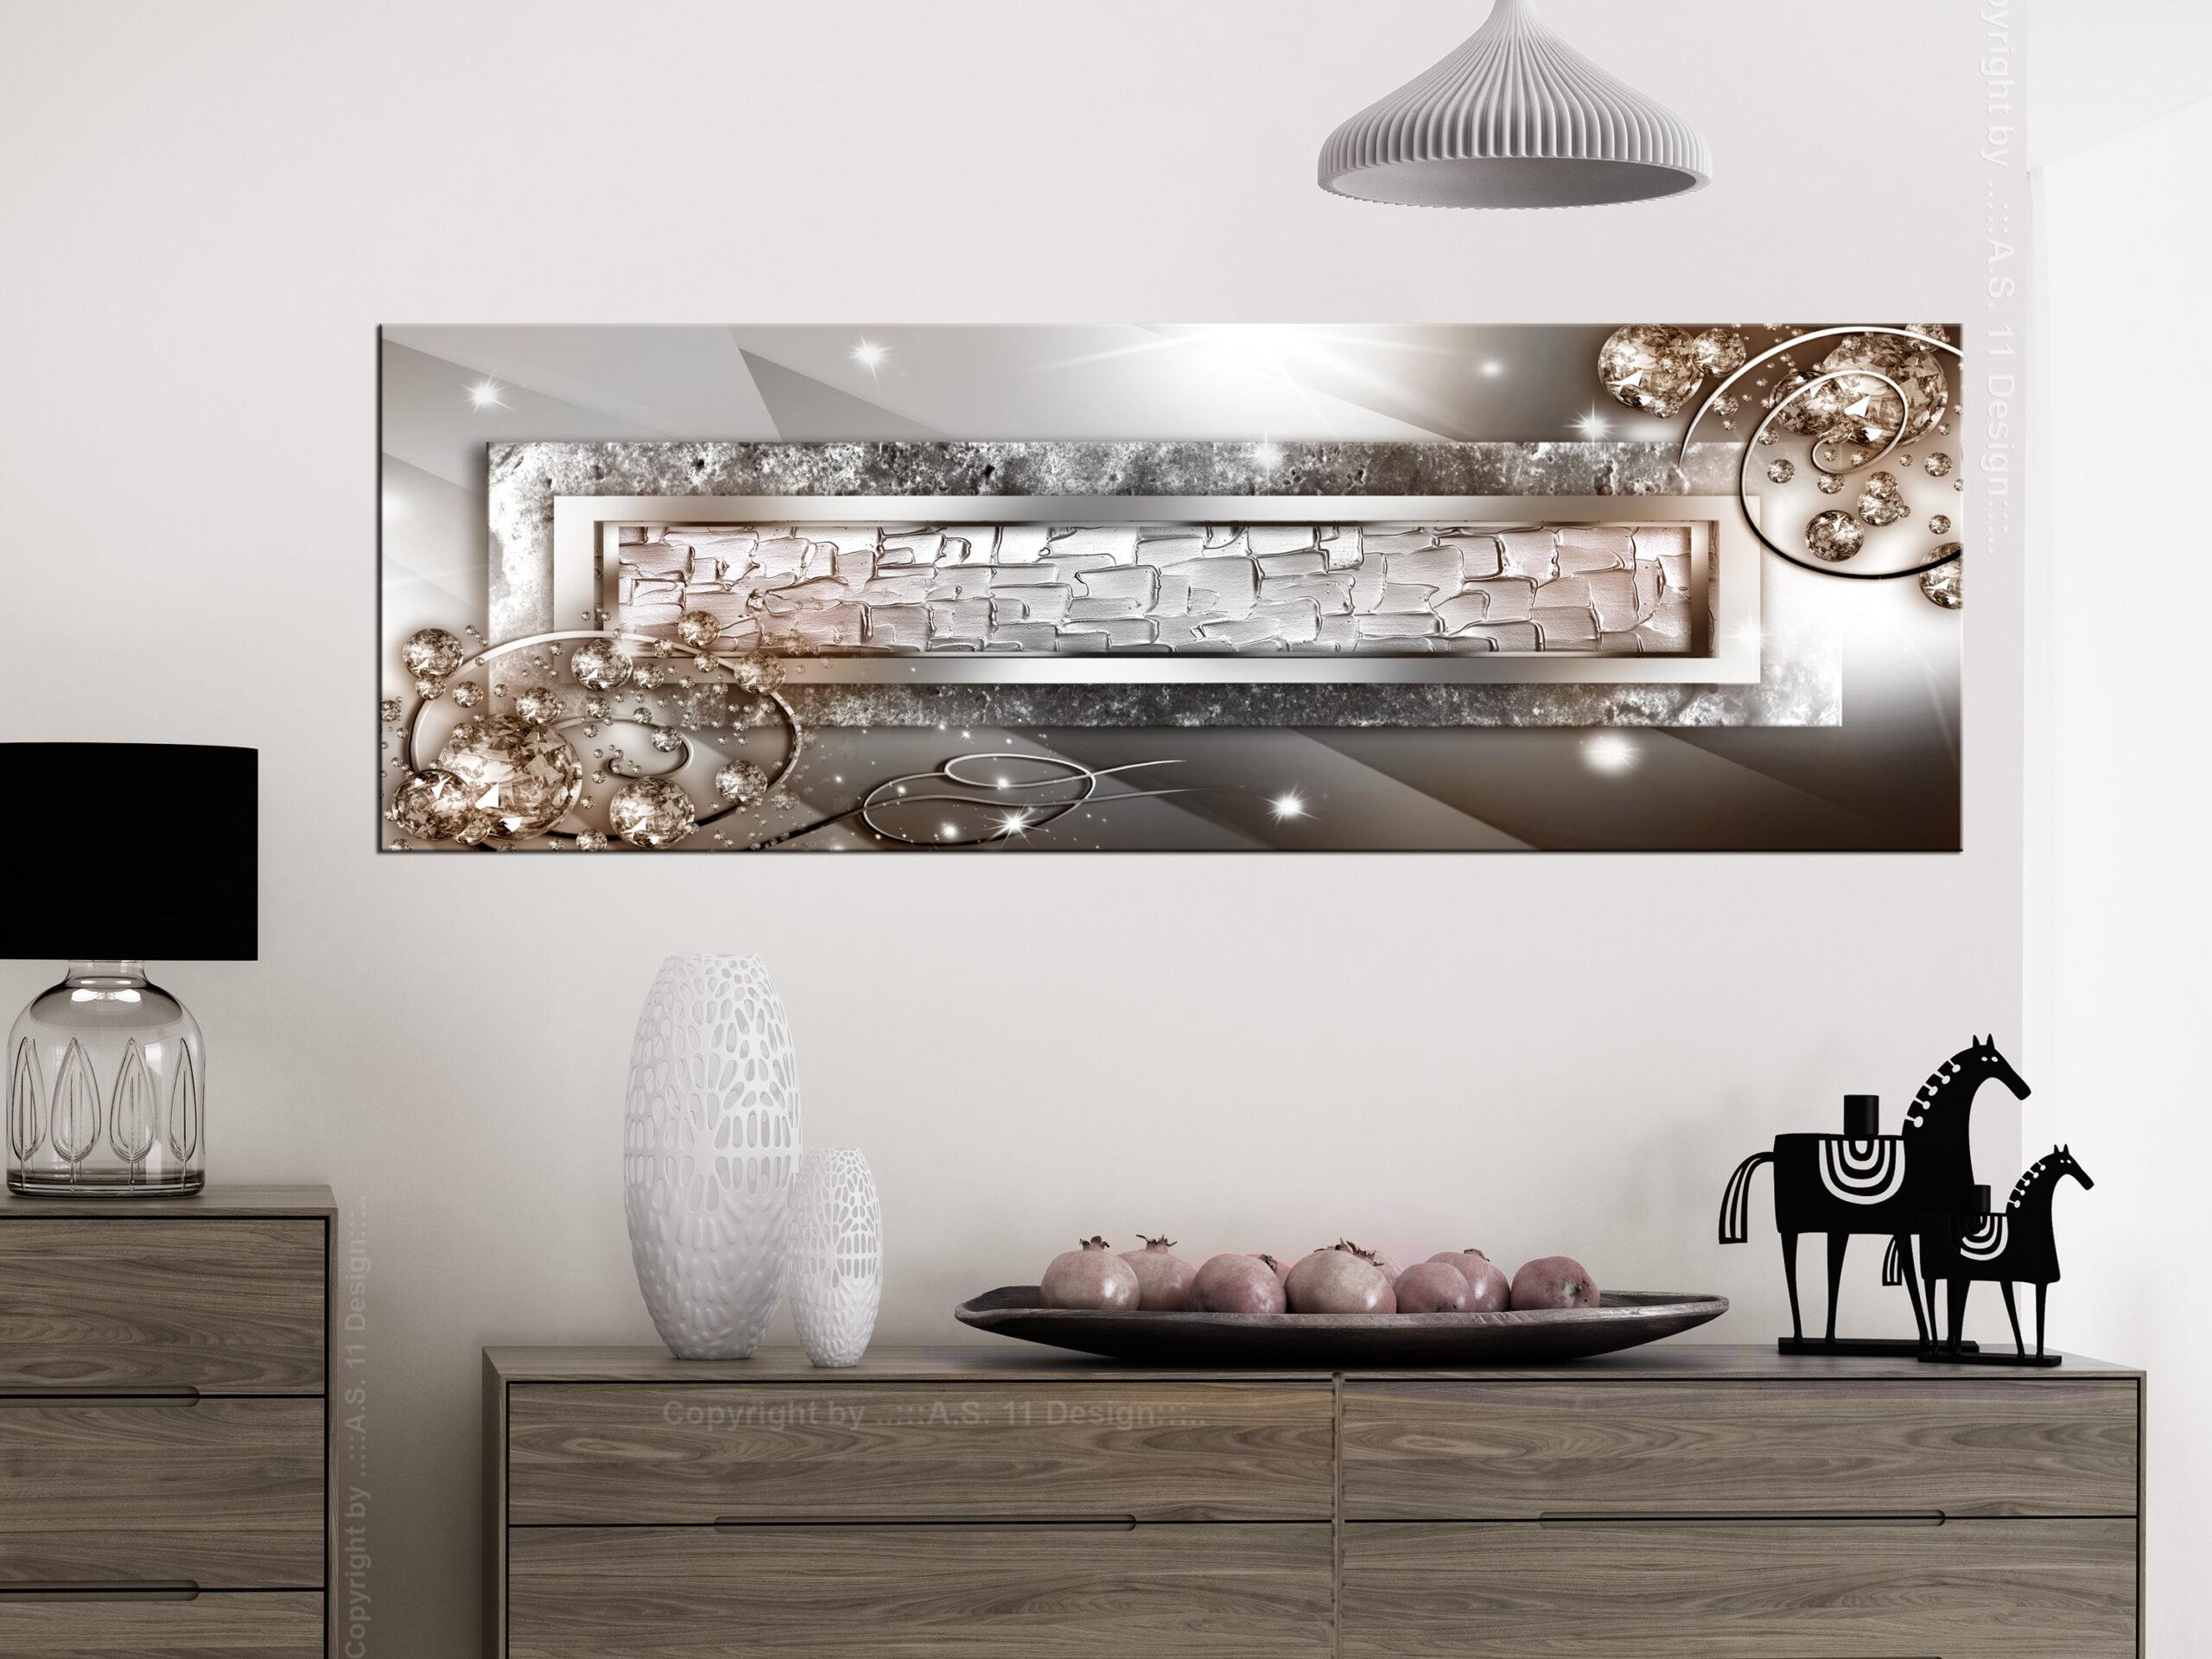 Full Size of Wohnzimmer Wandbilder Abstrakt Diamant Glanz Xxl Bilder Vlies Leinwand A Deckenlampe Deckenlampen Modern Stehlampe Led Beleuchtung Deko Vorhänge Relaxliege Wohnzimmer Wohnzimmer Wandbilder